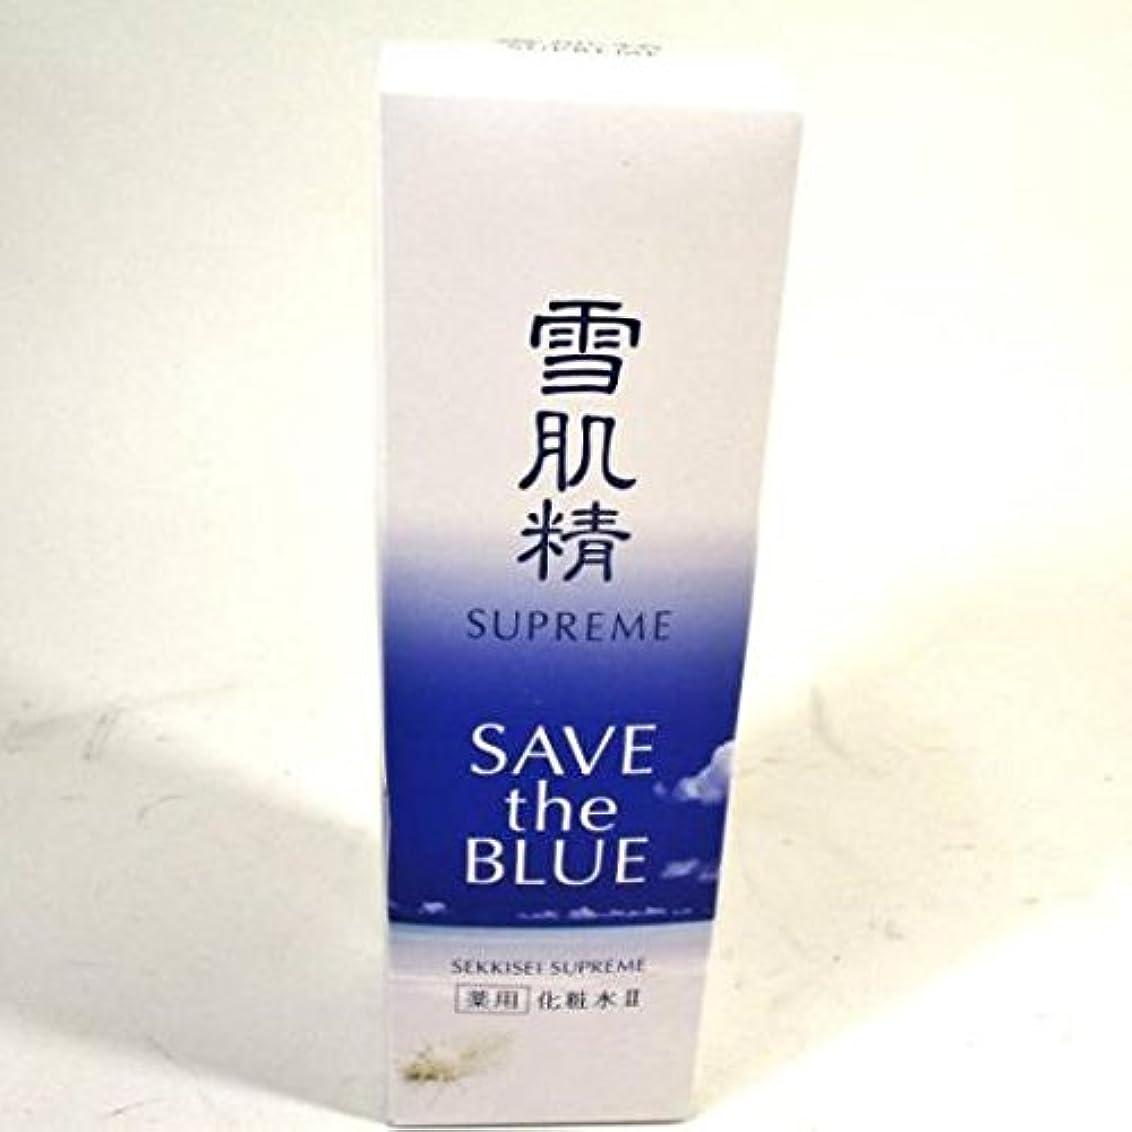 提供まどろみのある切り離すコーセー 雪肌精 シュープレム 化粧水 Ⅱ 「SAVE the BLUE」 400ml